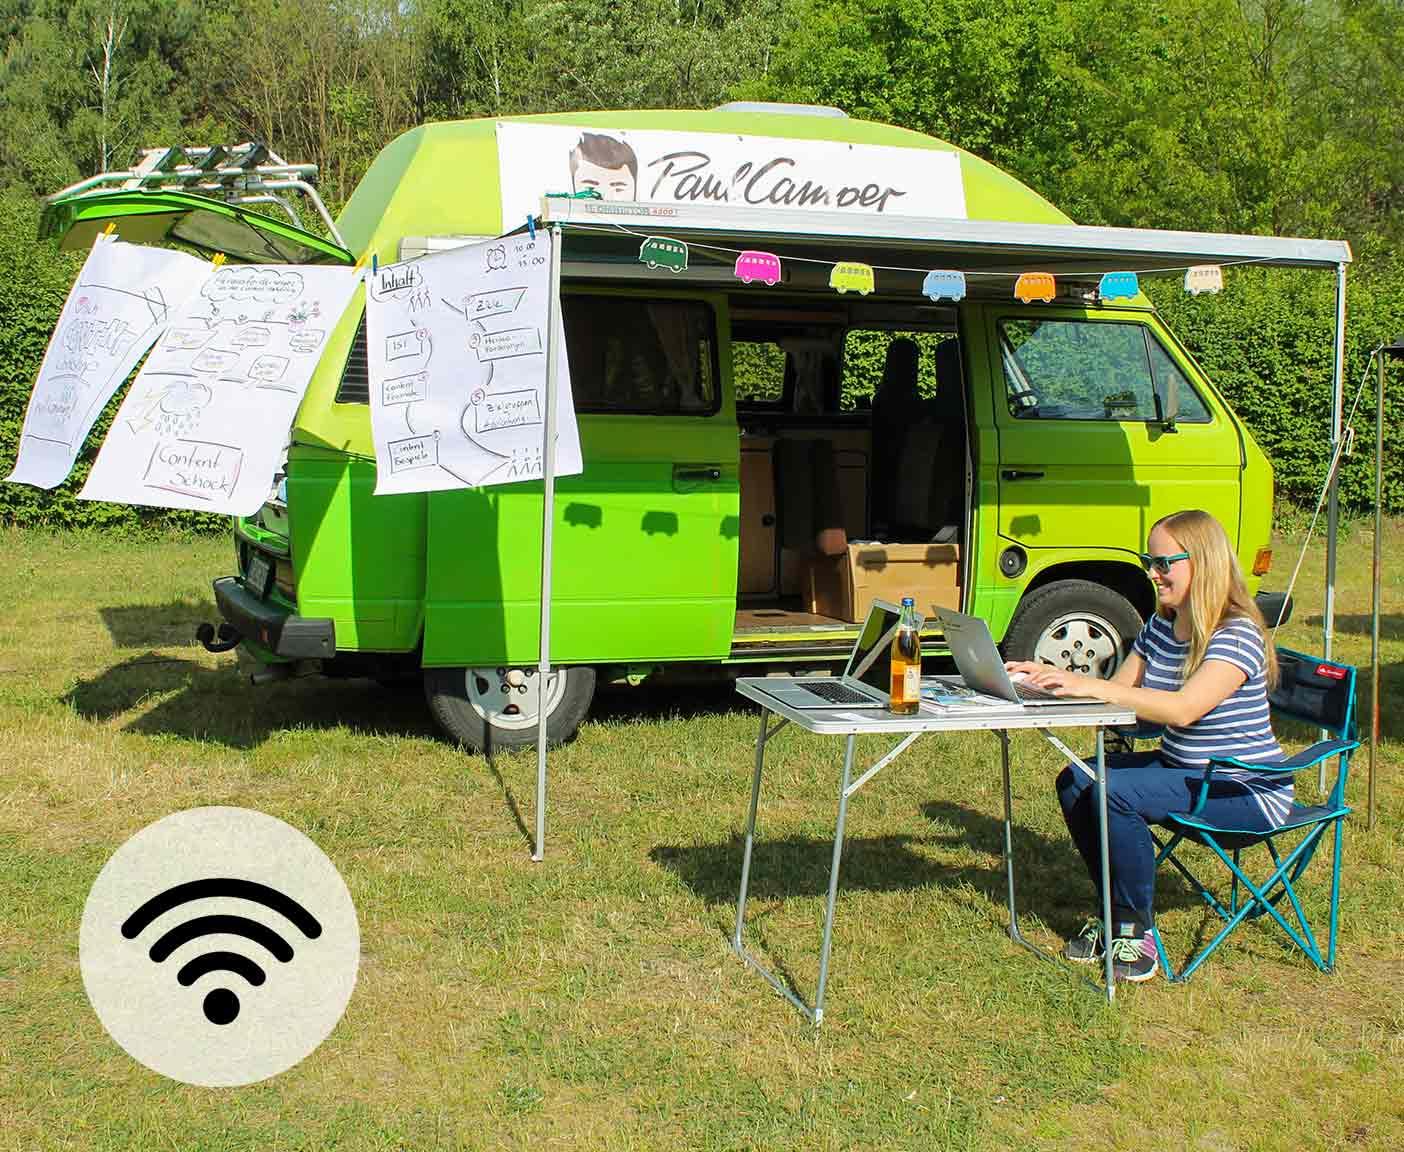 Internet im Wohnmobil, Frau sitzt draußen vor dem Wohnmobil am Laptop und arbeitet, grüner Camper, WLAN, PaulCamper